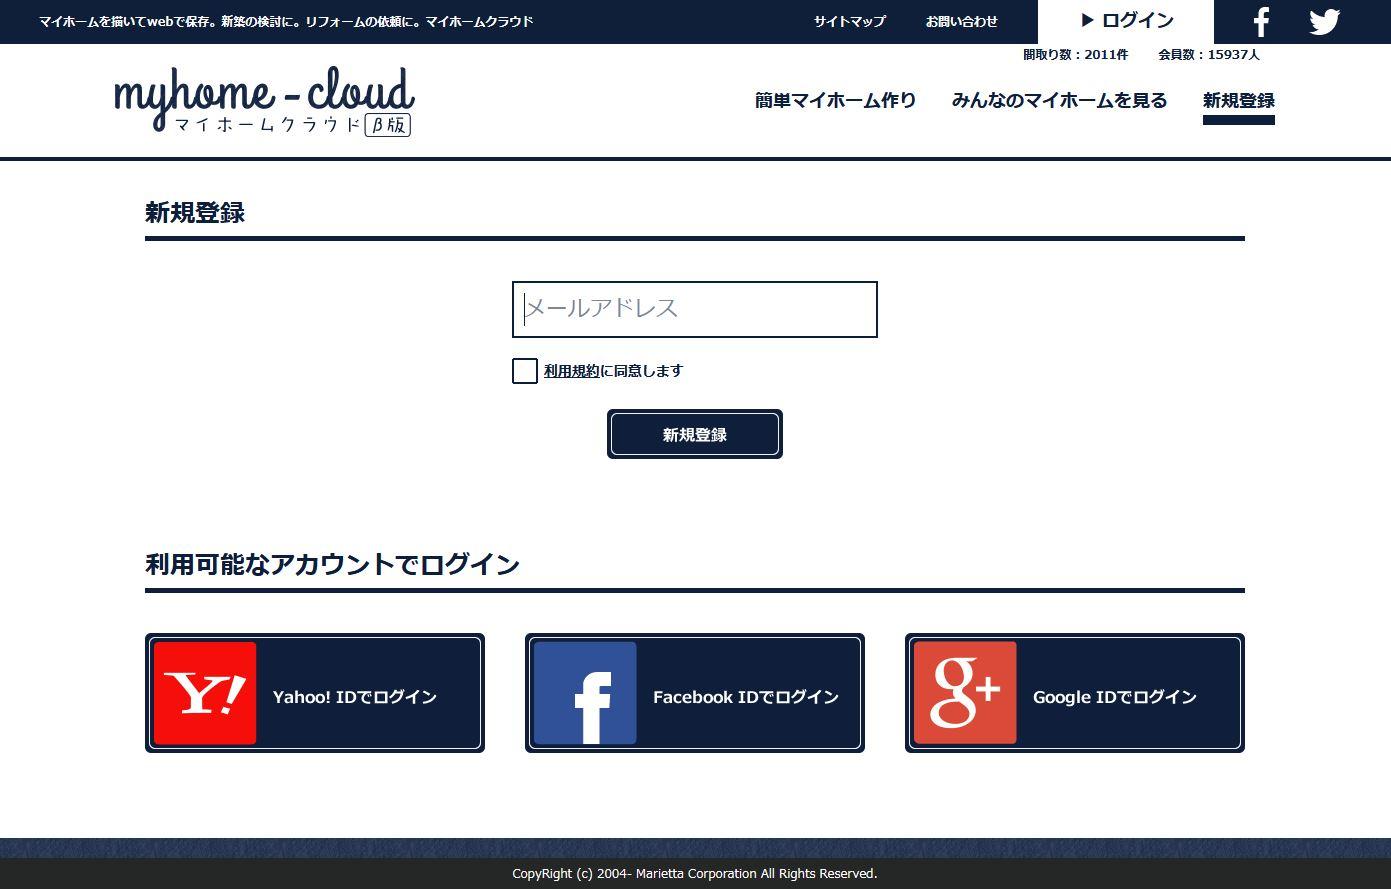 マイホームクラウド 公式ページの新規登録からユーザー登録する